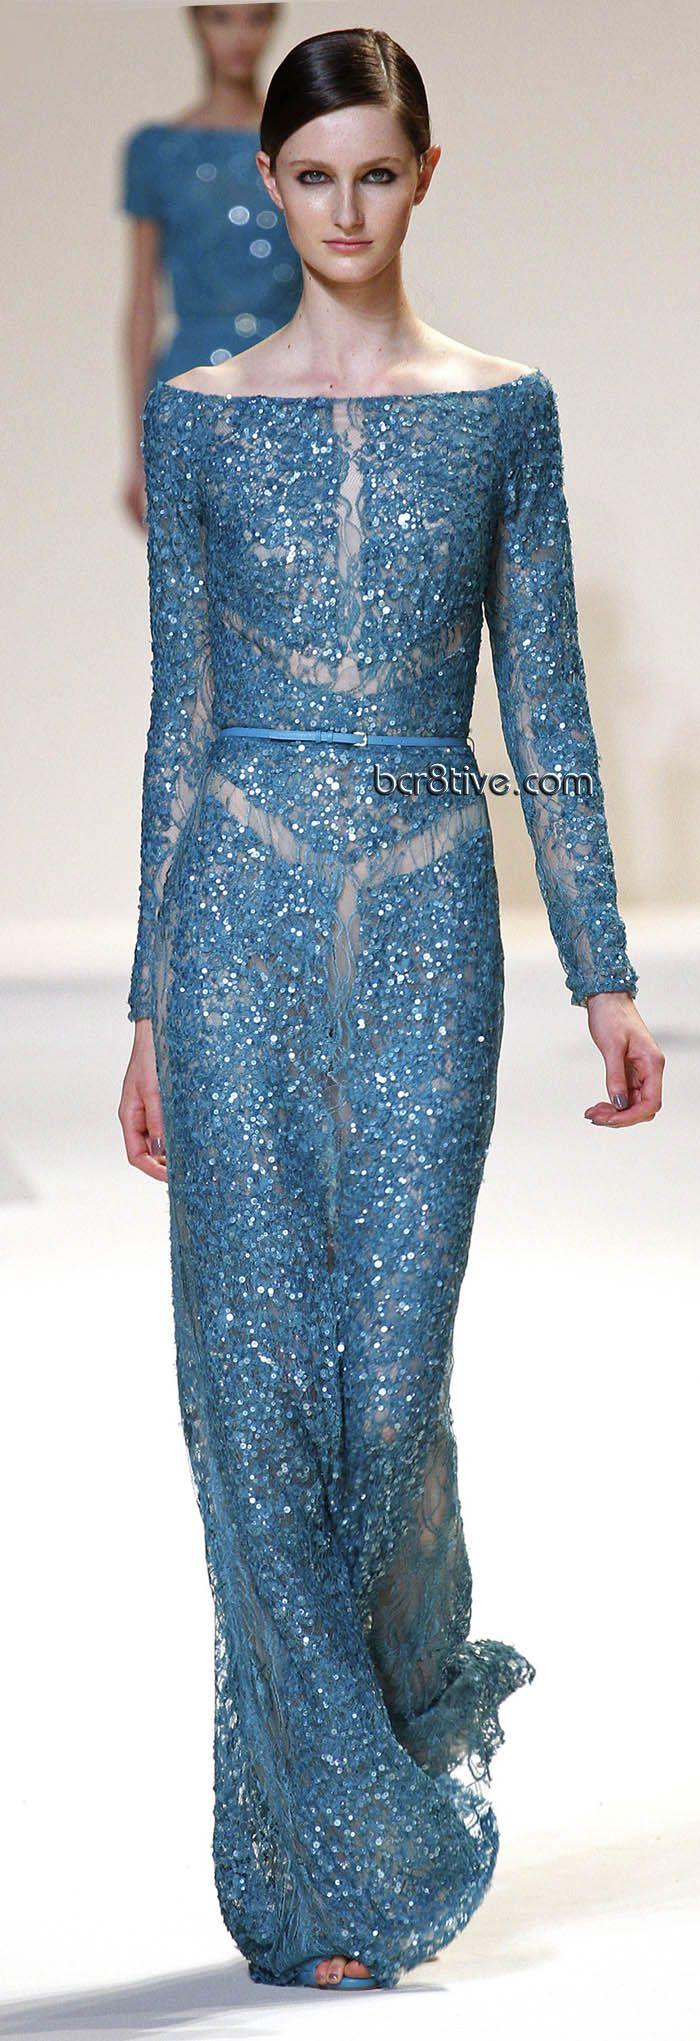 best gorgeous dresses images on pinterest fashion show dream